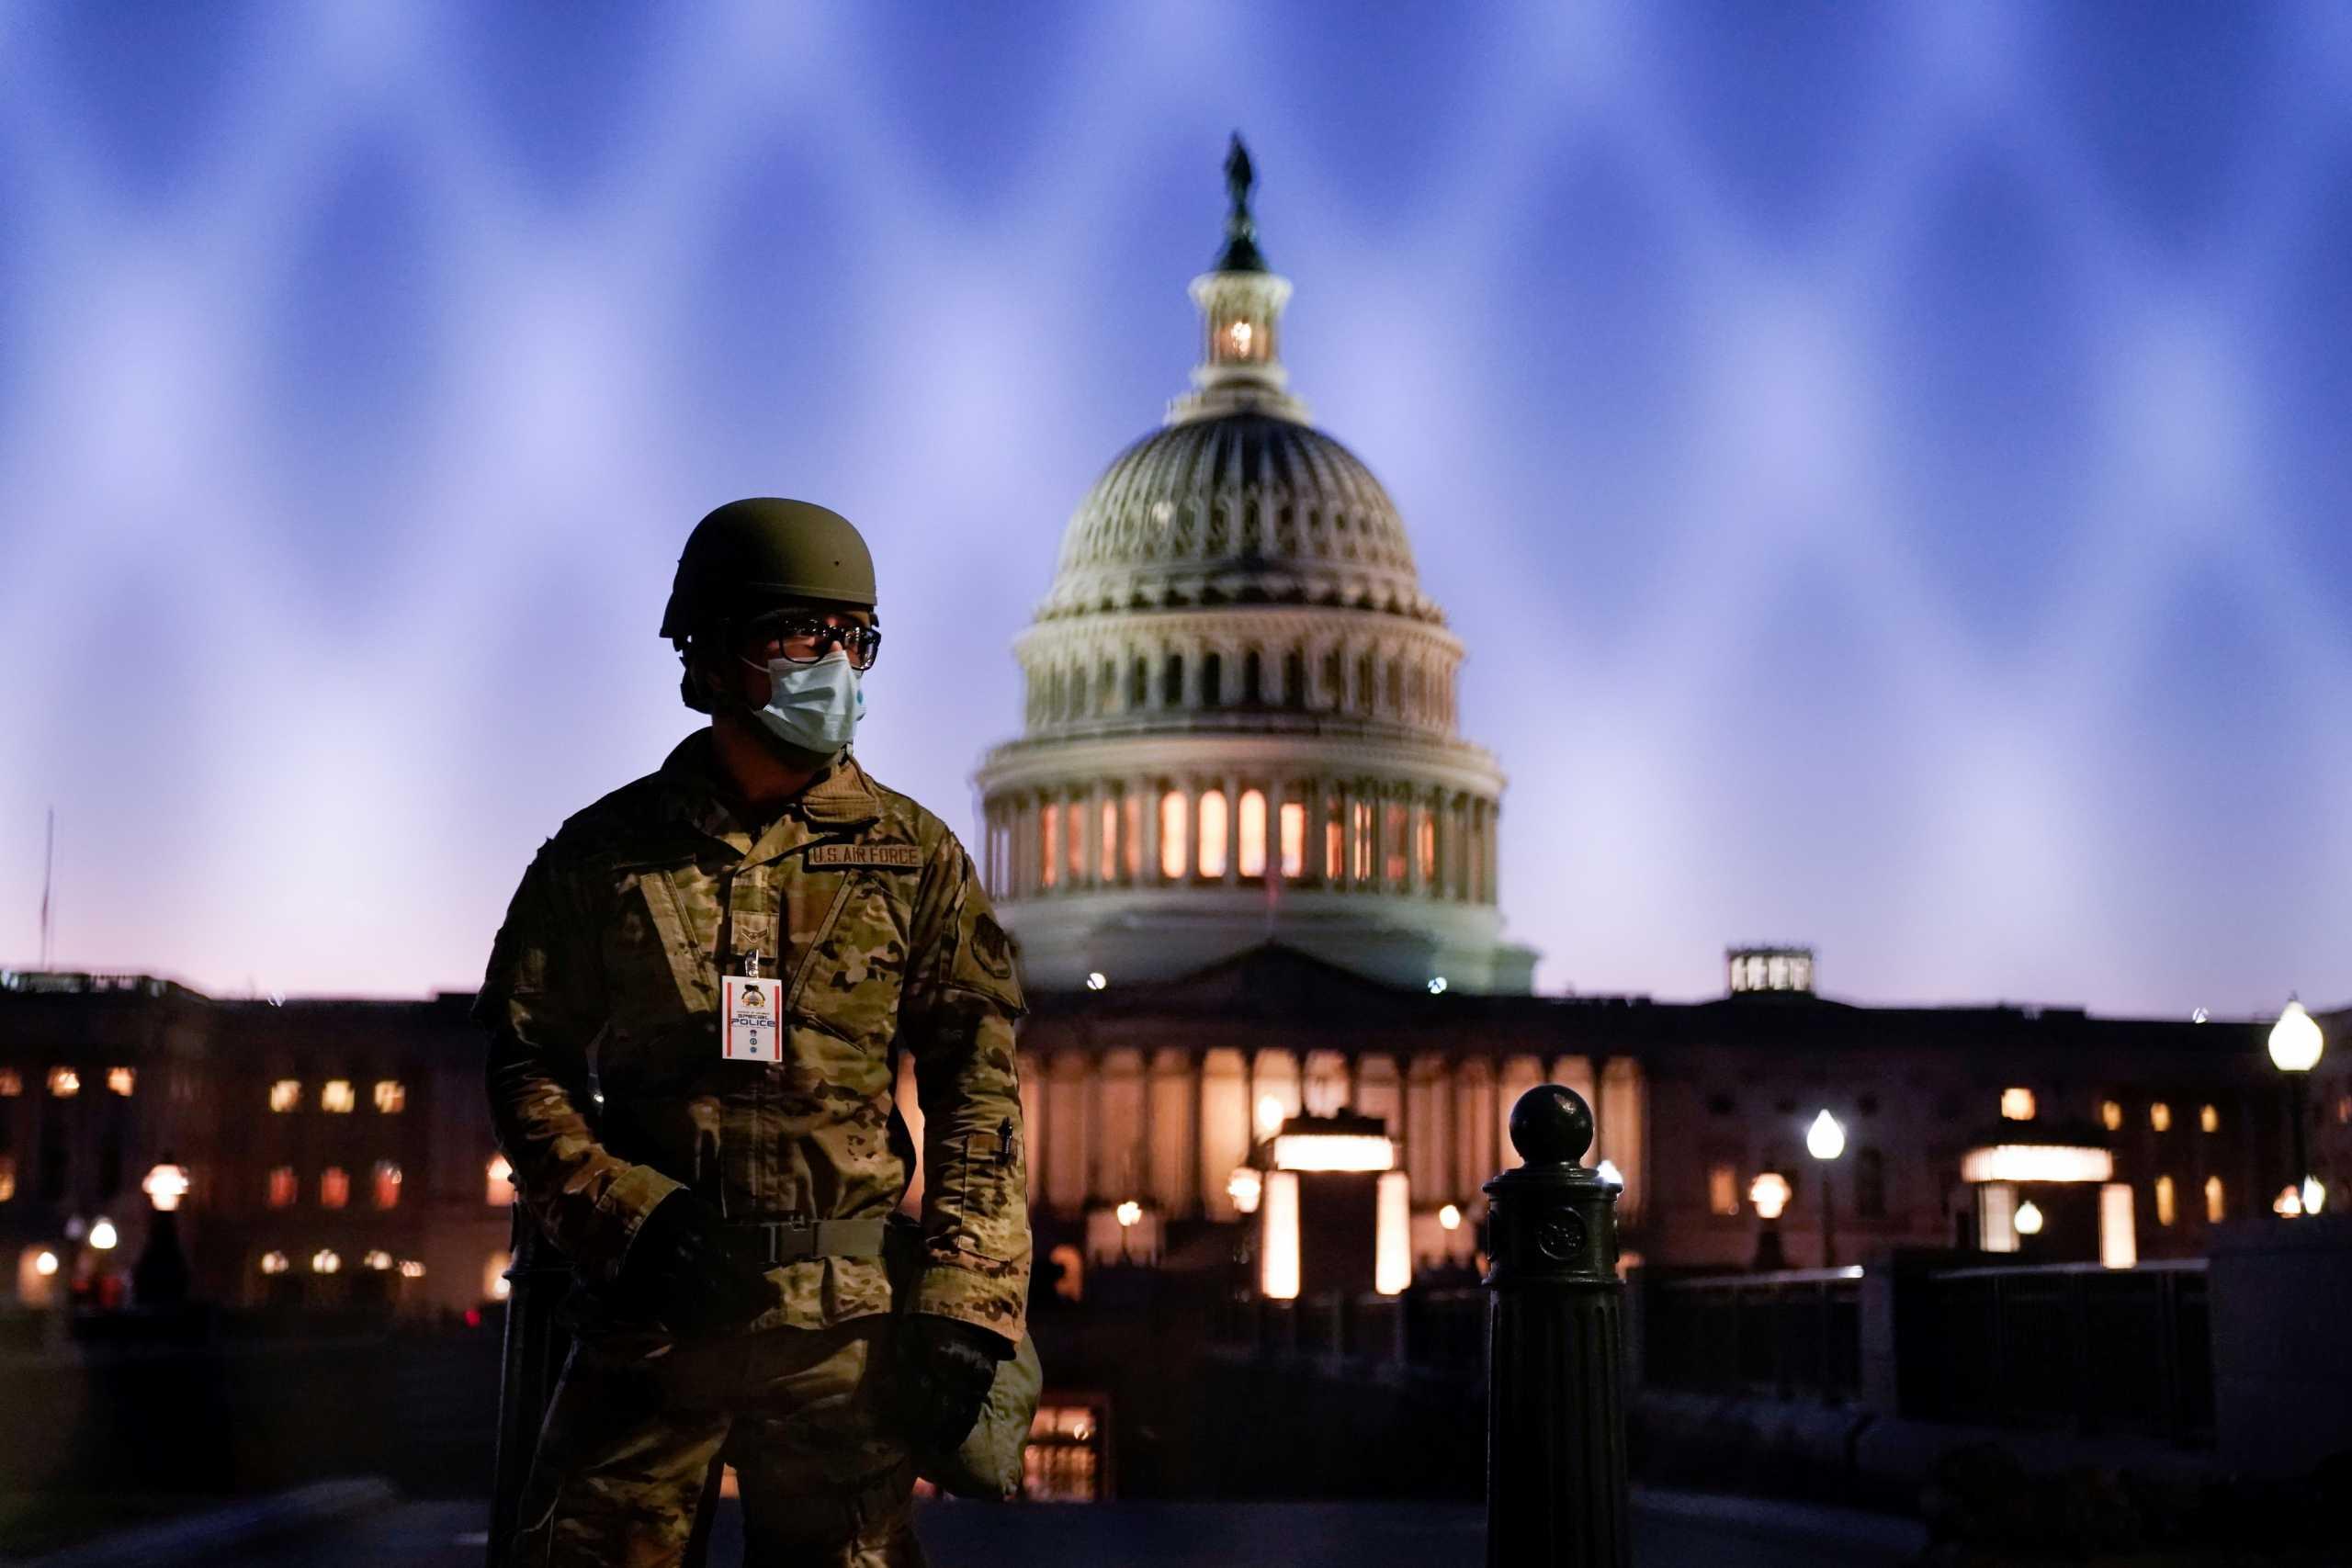 ΗΠΑ: Οπλισμένη η Εθνοφρουρά περιμένει στην Ουάσινγκτον τους οπαδούς του Τραμπ (pics)